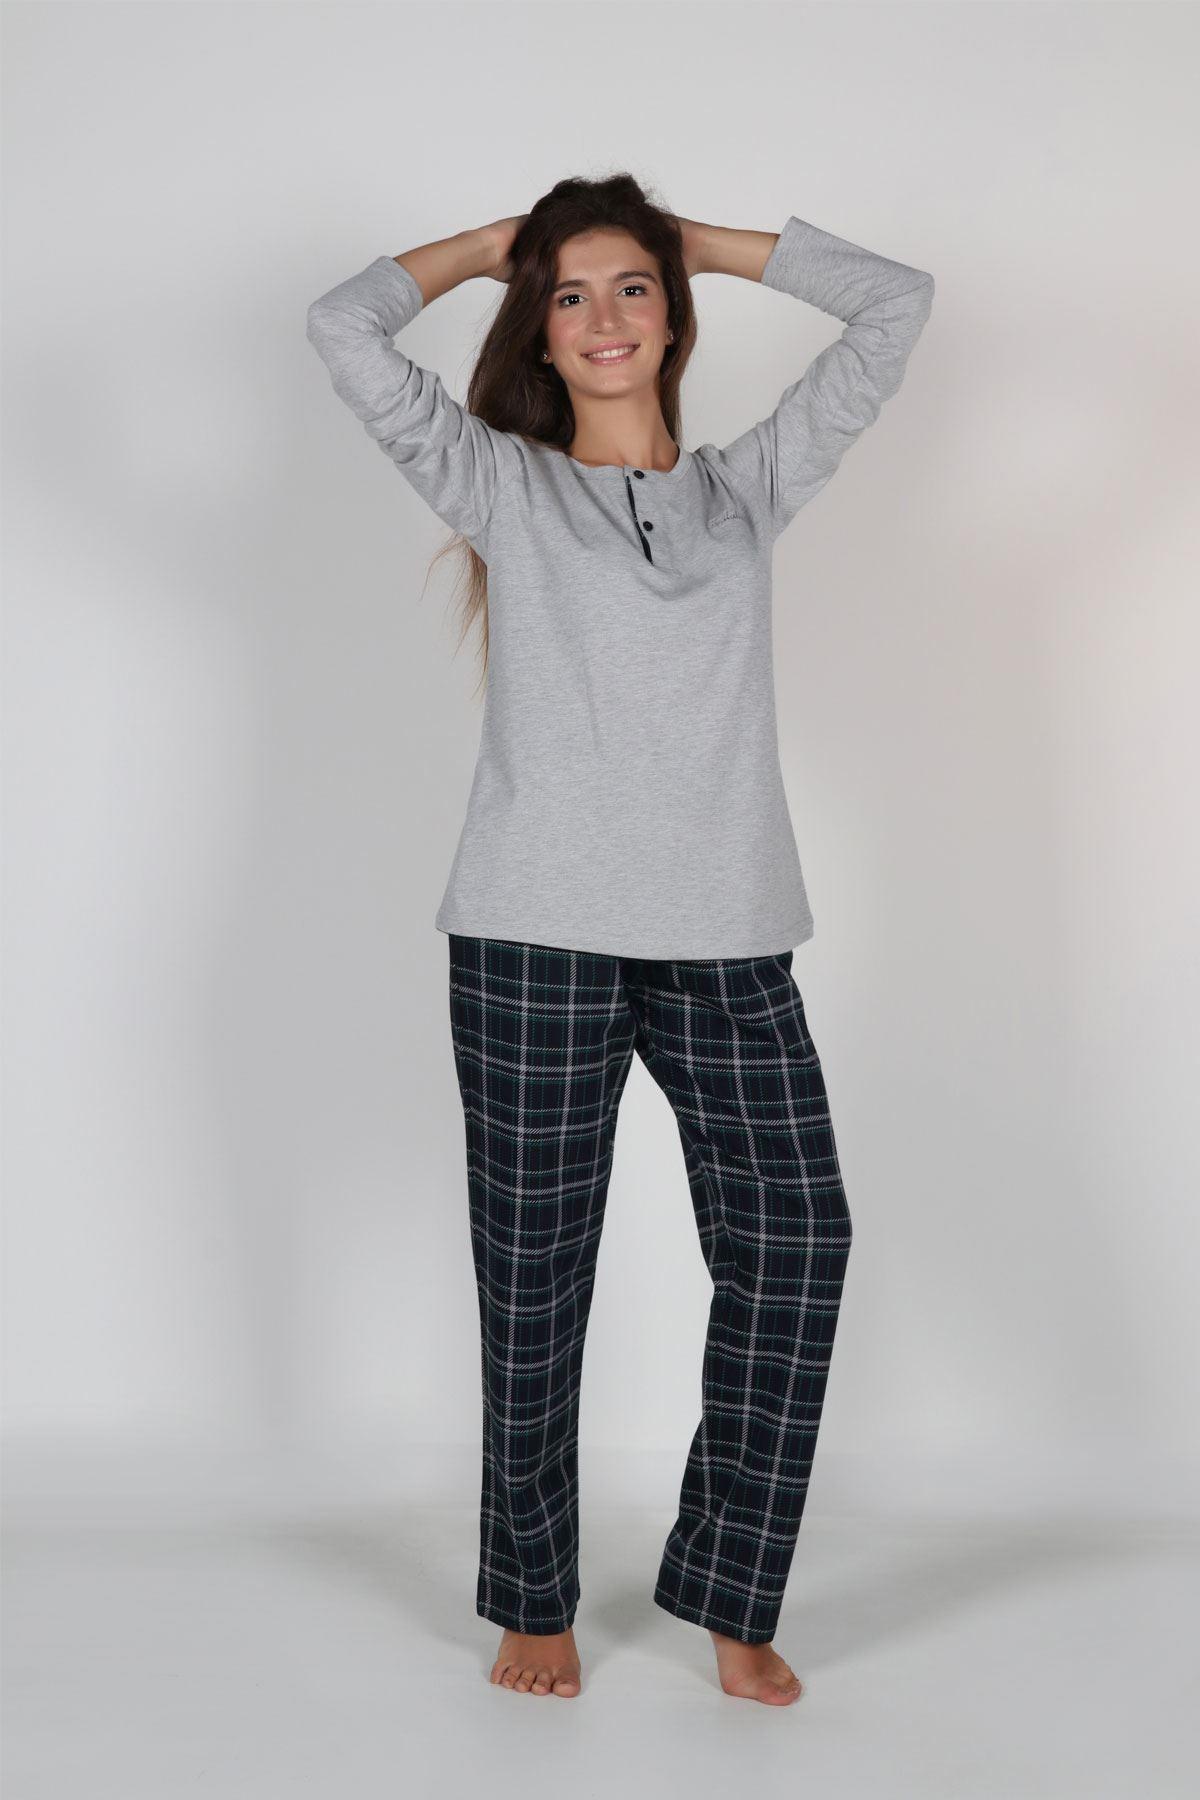 Gri Ekoseli Kadın Pijama Takımı Düğmeli Yaka Kışlık Uzun Kollu Pijama 5003